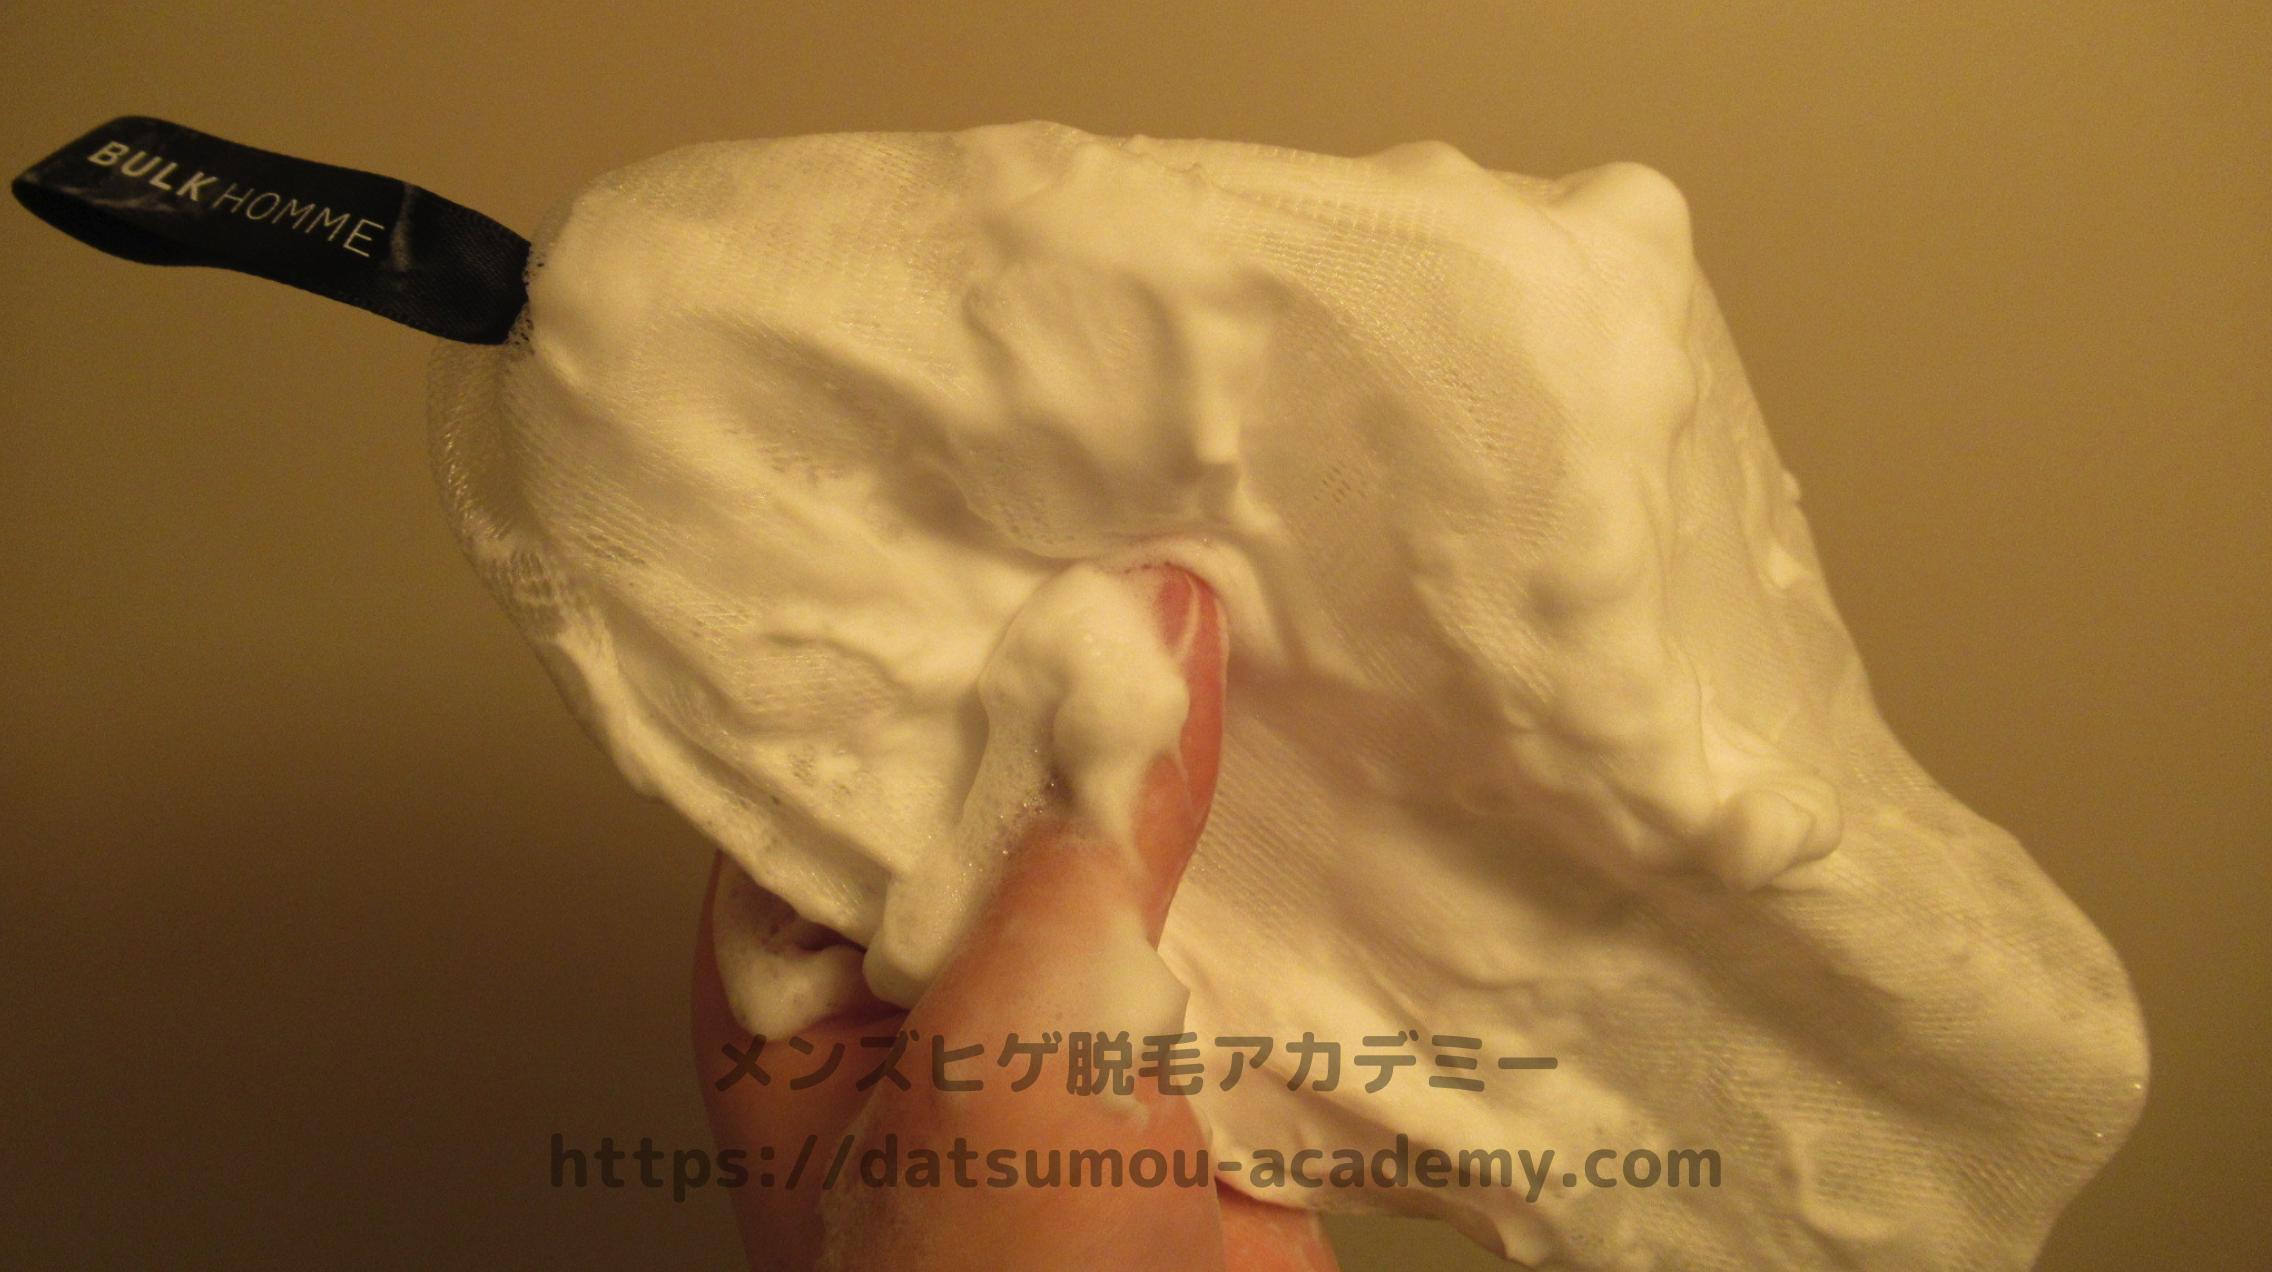 バルクオムの洗顔ネット